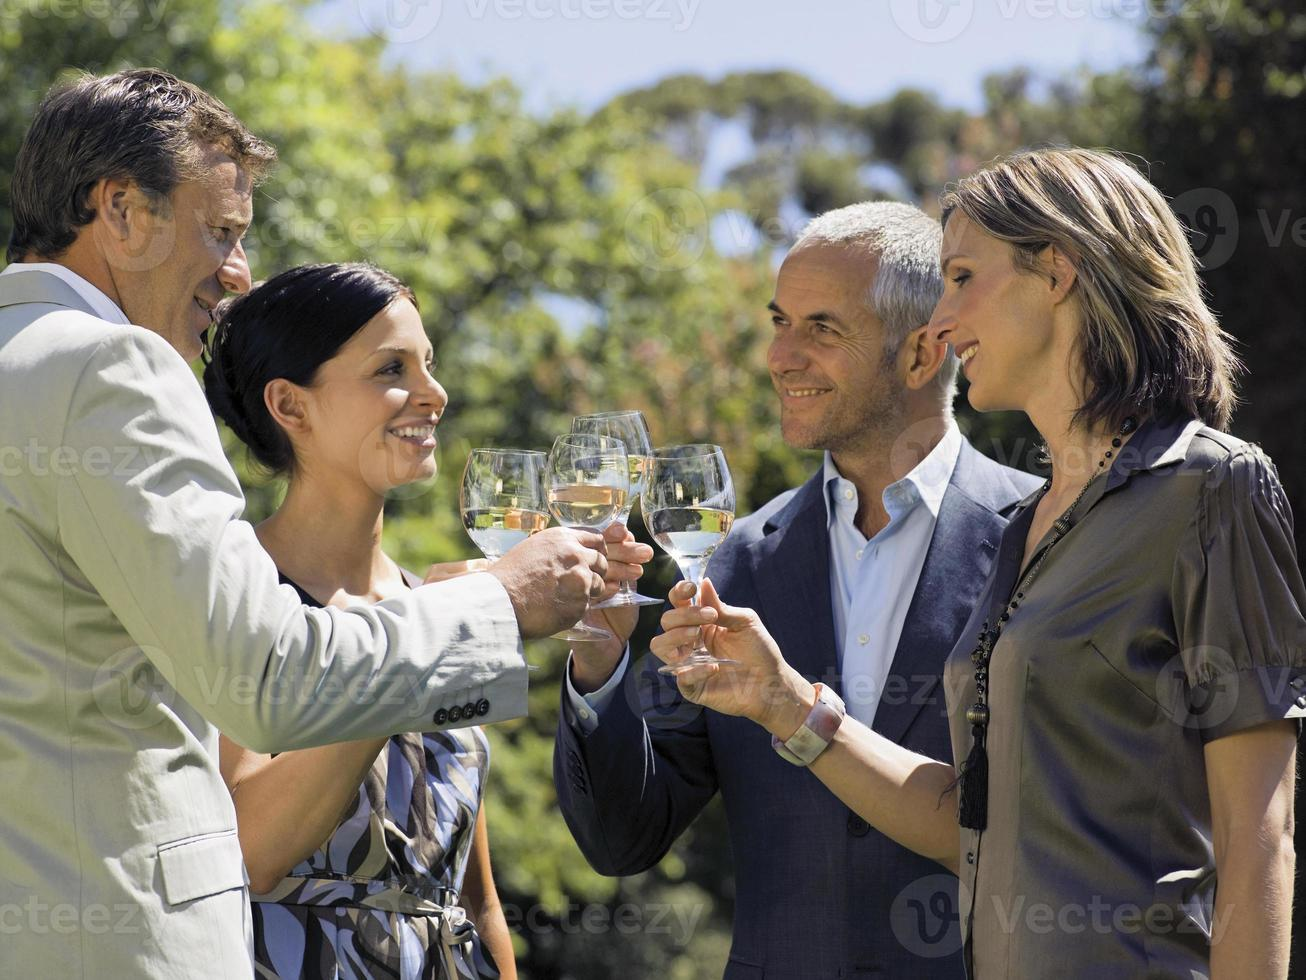 människor dricker vin. foto